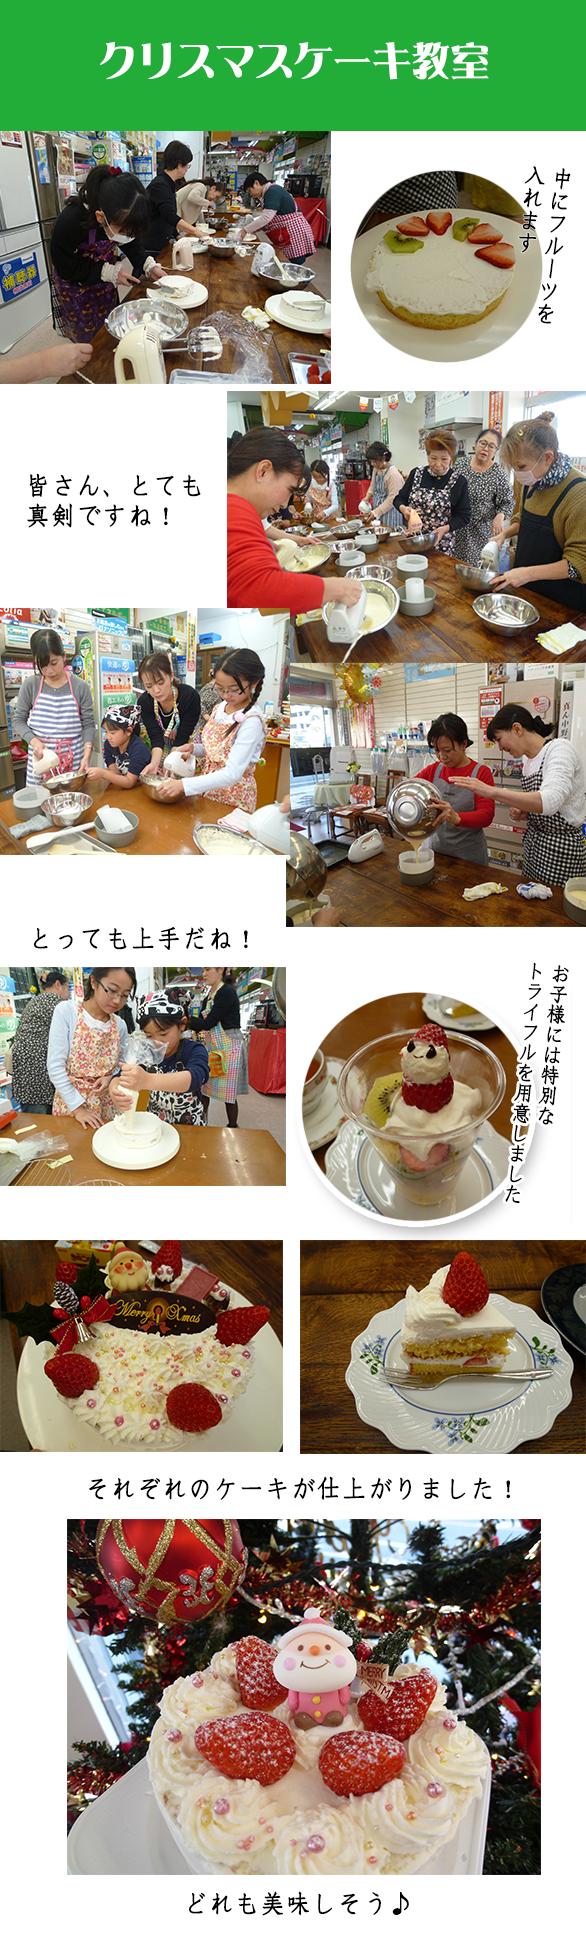 ケーキ教室w3